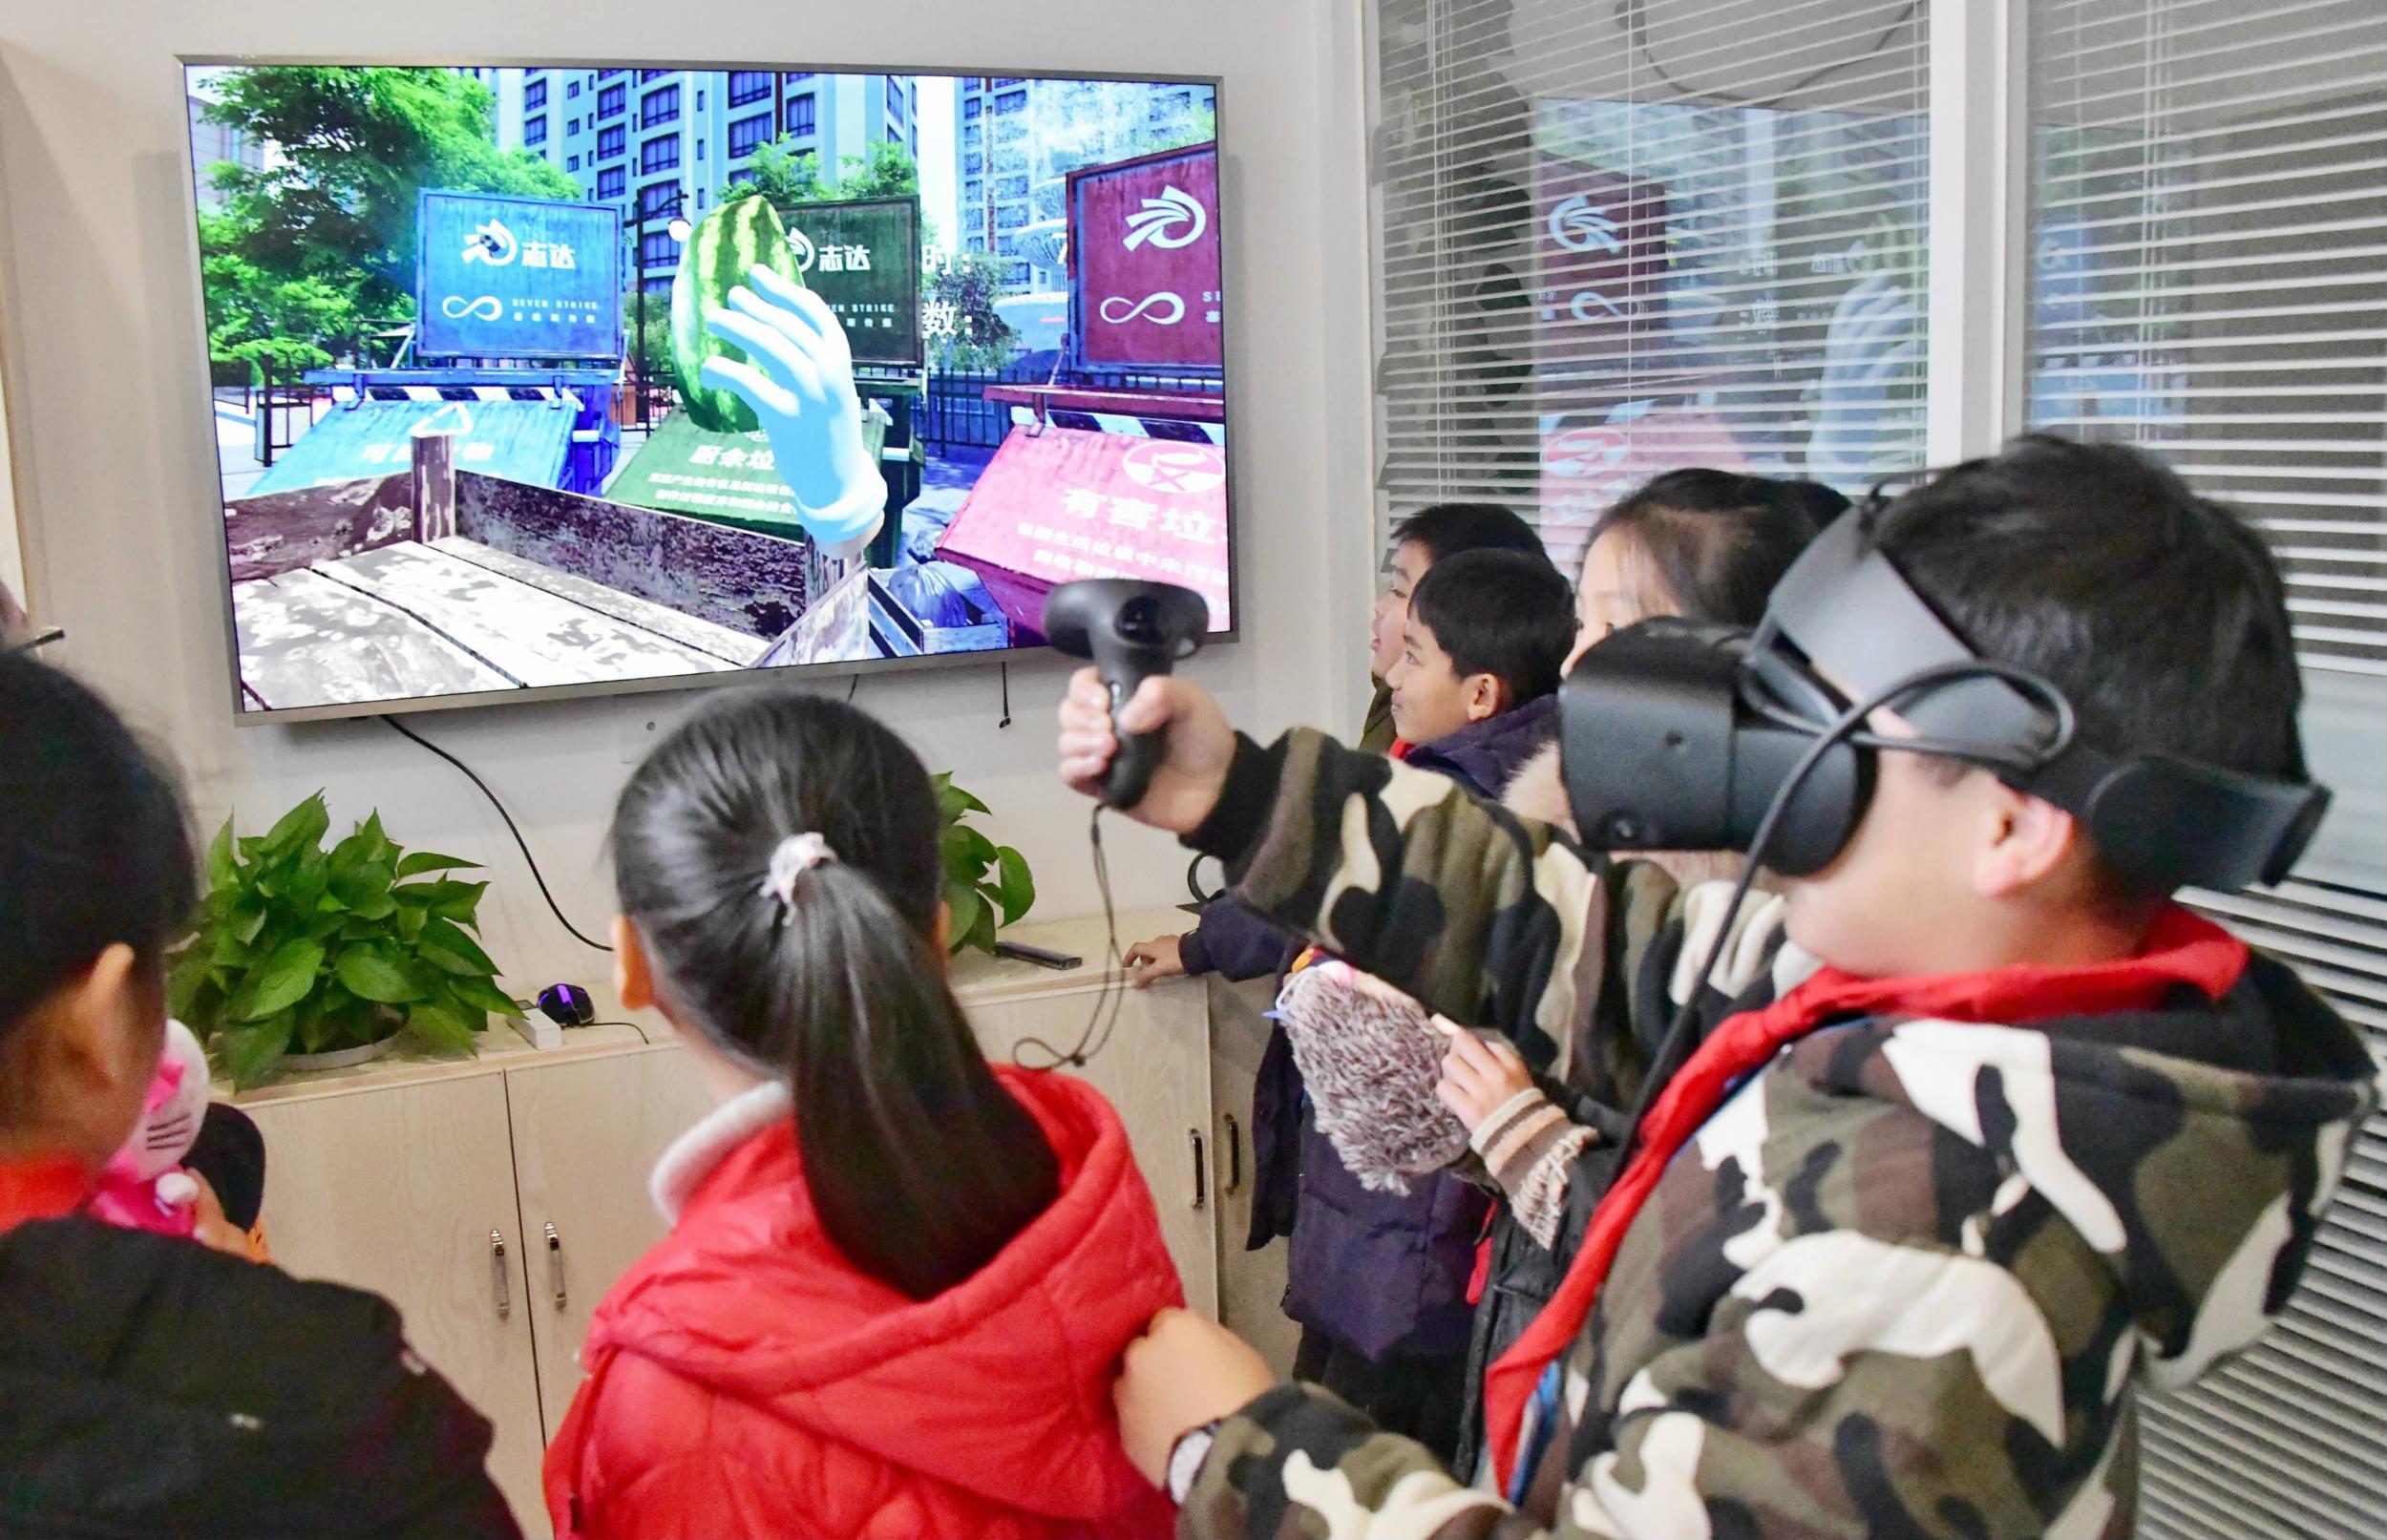 垃圾分类区分难VR帮你分灵清